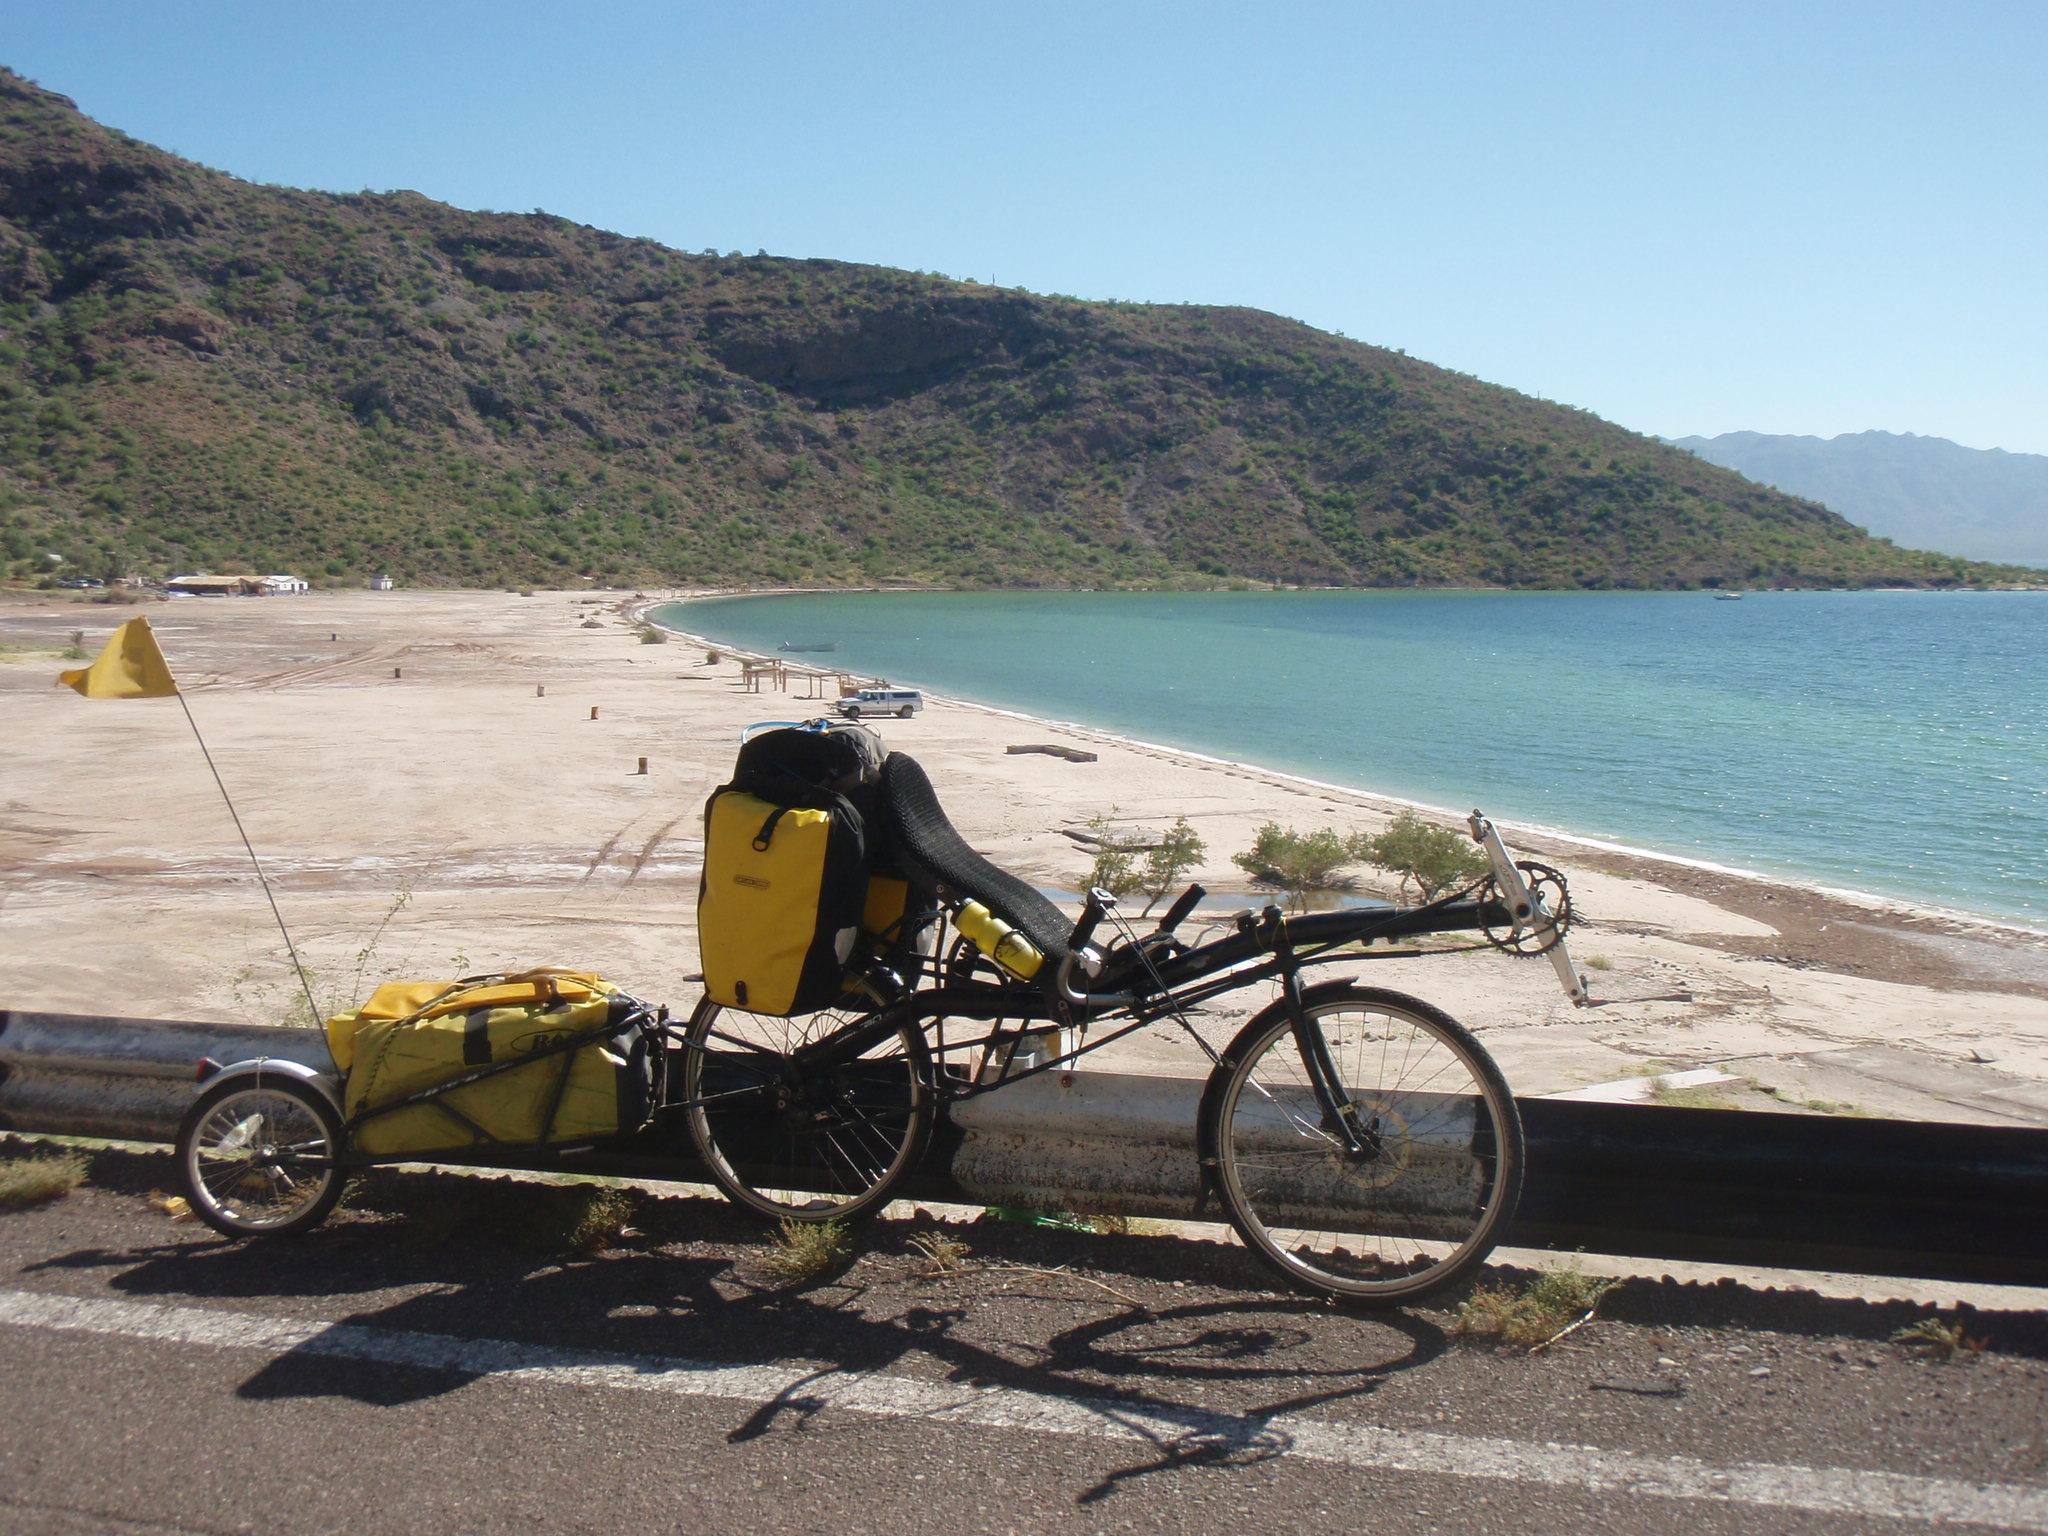 Bike at Playa Santispac in Bahia Concepcion South of Mulege